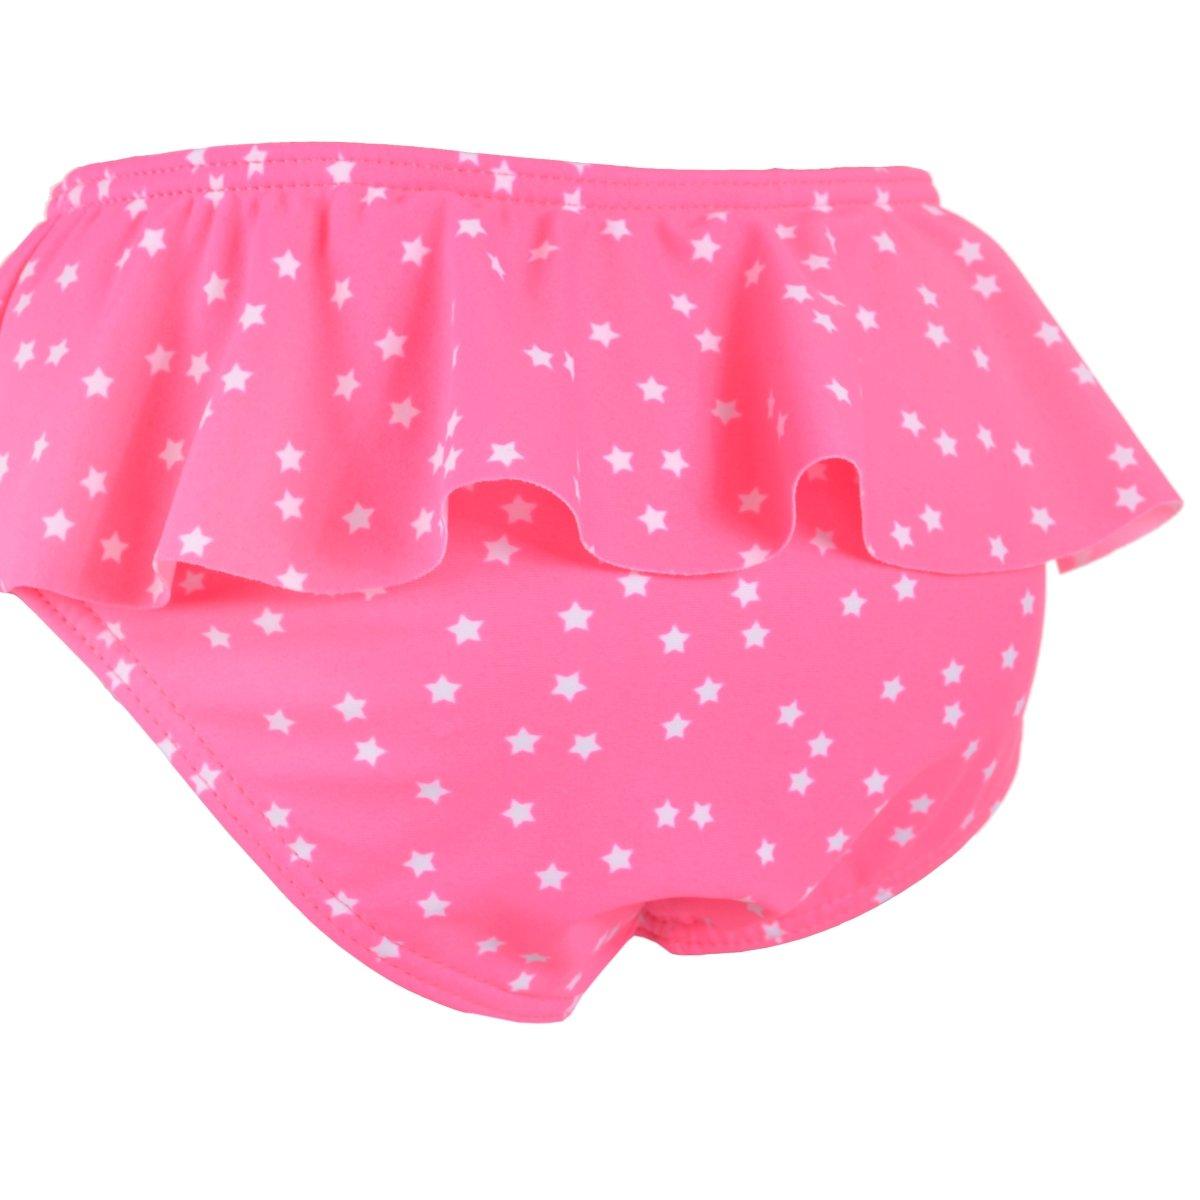 Juegos De Baño Sears: de baño jeanious baby bikini traje de baño jeanious baby bikini